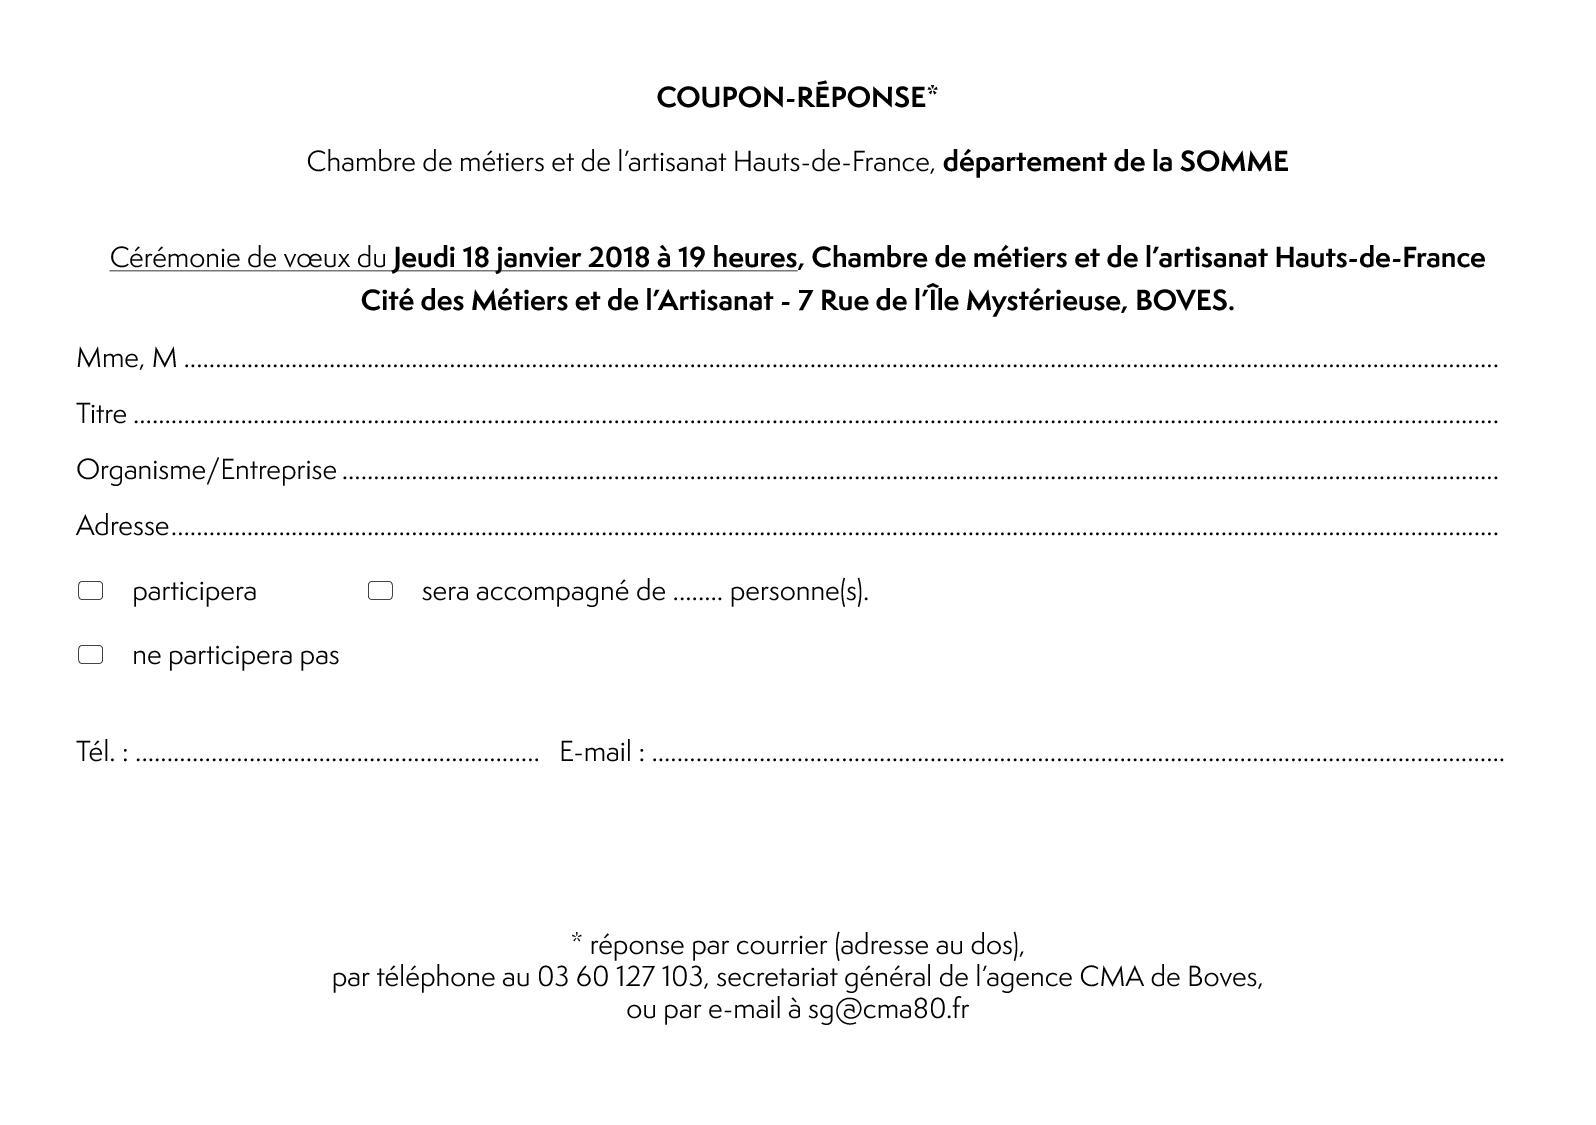 Calam o boves coupon reponse voeux 2018 - Chambre des metiers de la somme ...